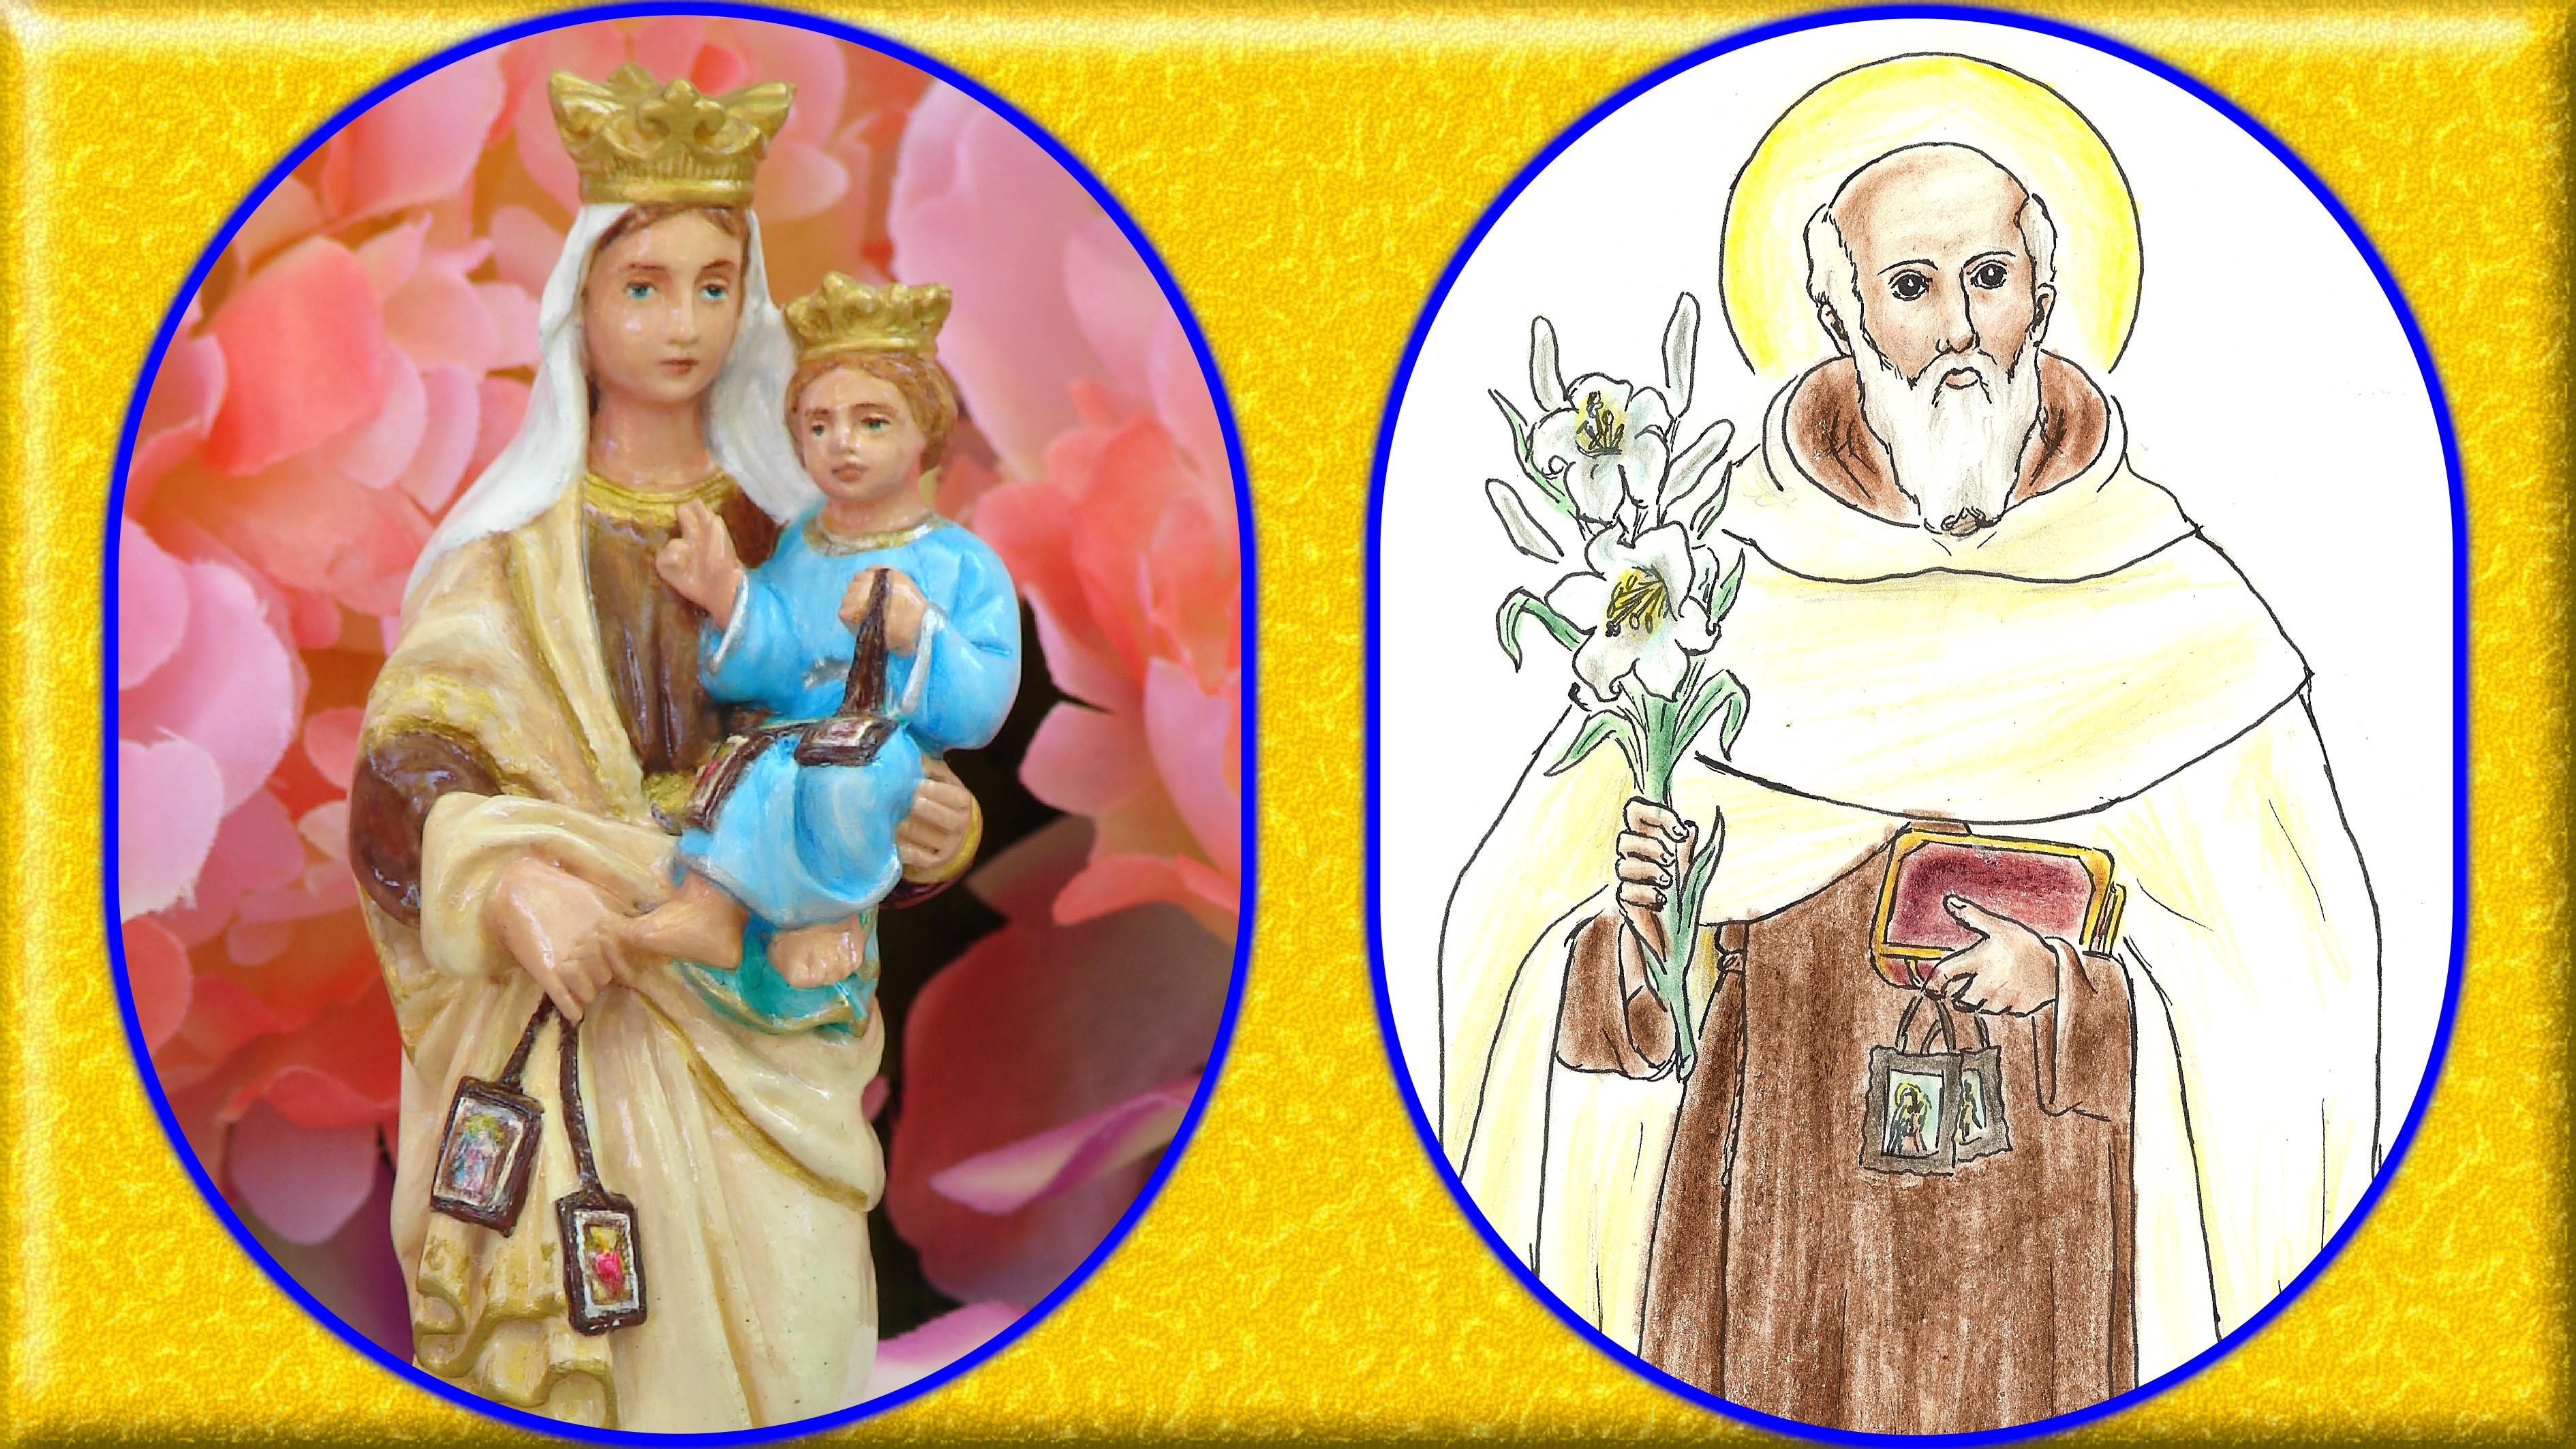 CALENDRIER CATHOLIQUE 2020 (Cantiques, Prières & Images) - Page 14 Notre-dame-du-mon...-d-tail--5761194